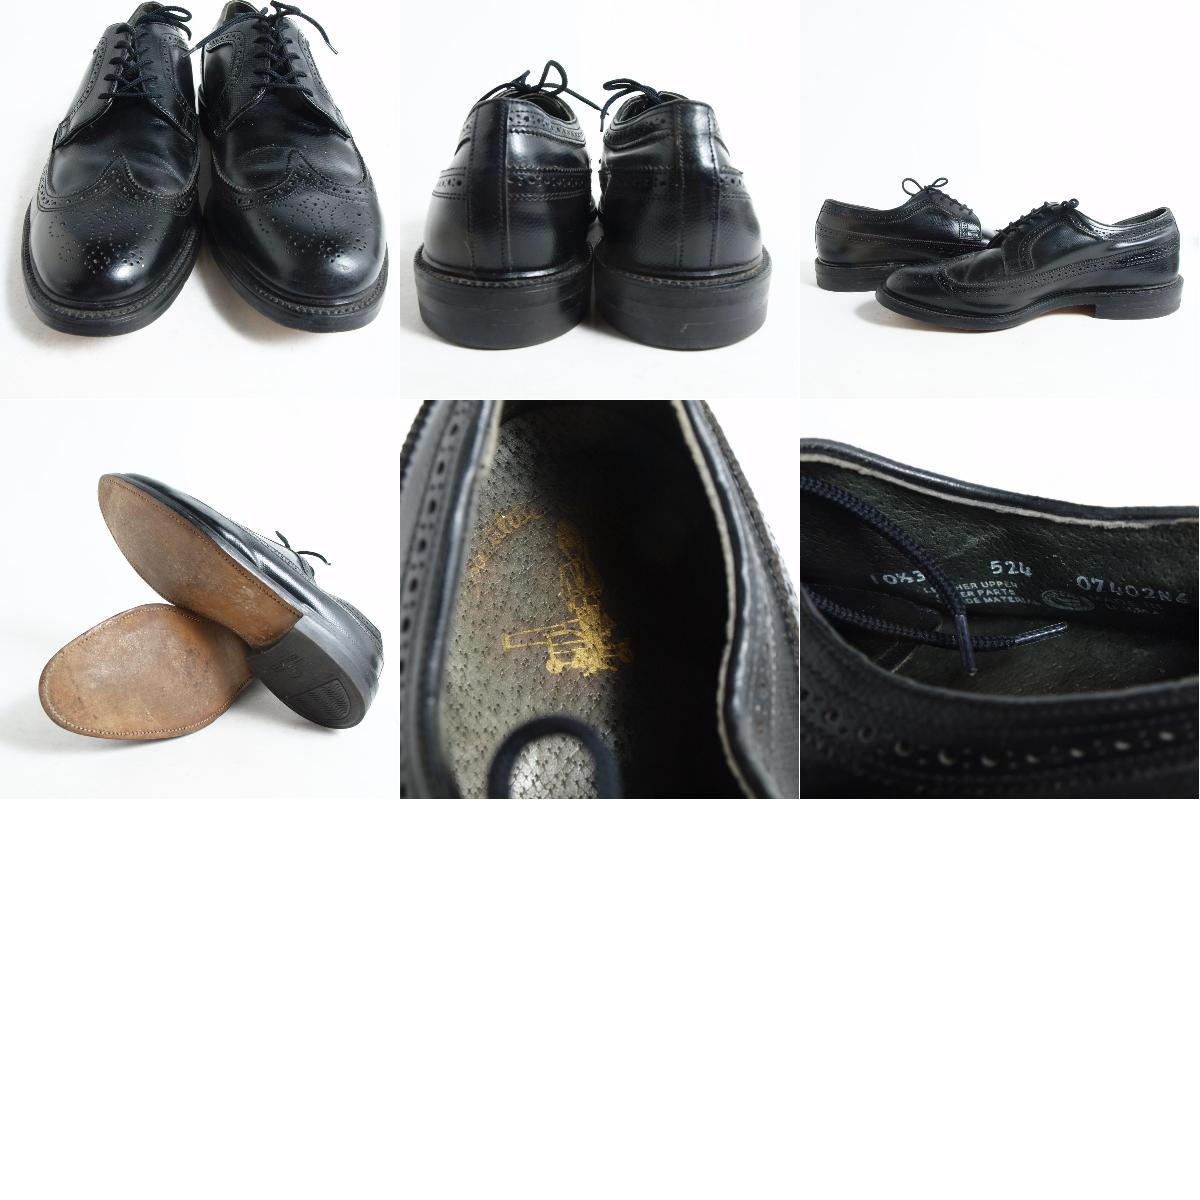 梅森行政帝国美国作翼尖鞋 10.5 3E 男装 28.5 厘米梅森 /bok5297